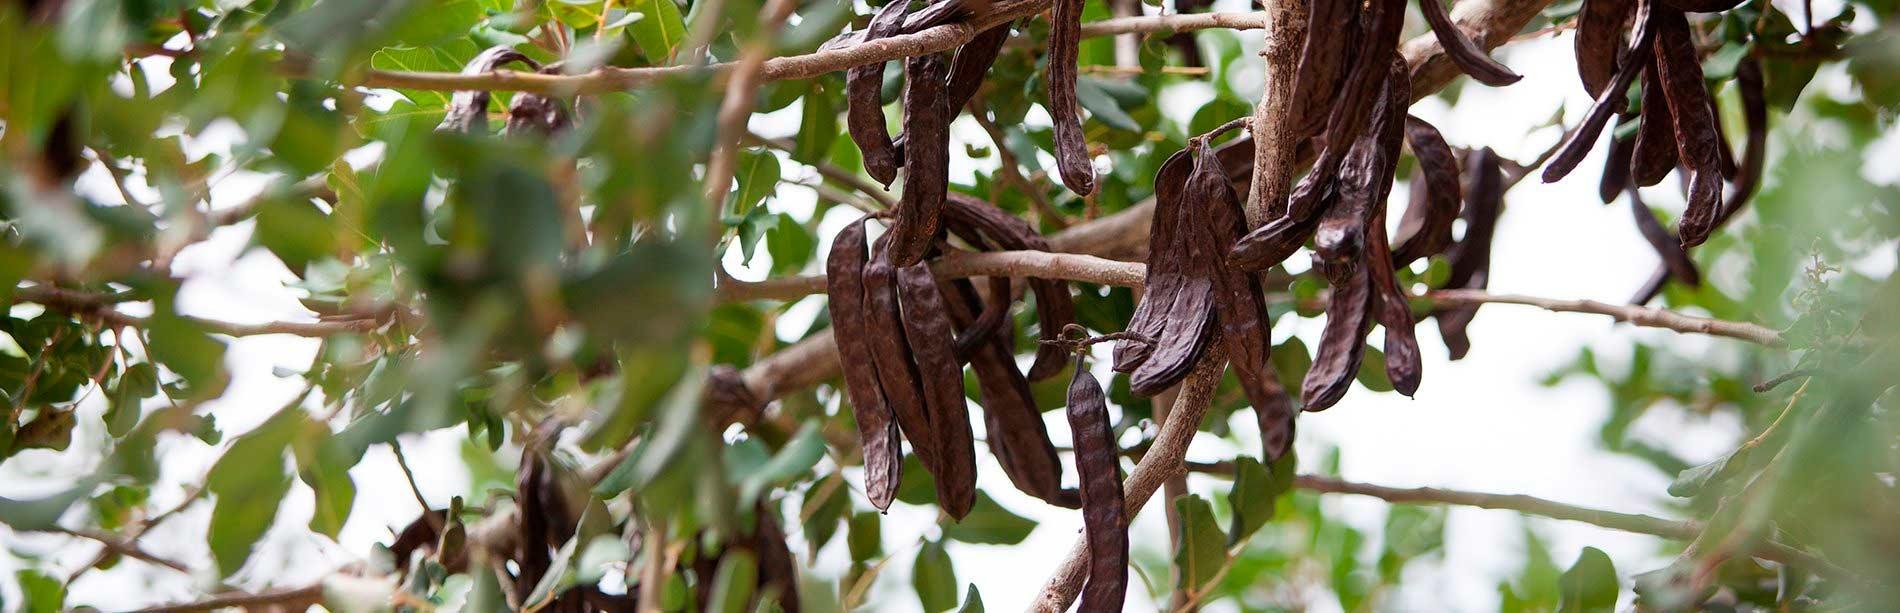 manufacture of locust bean gum